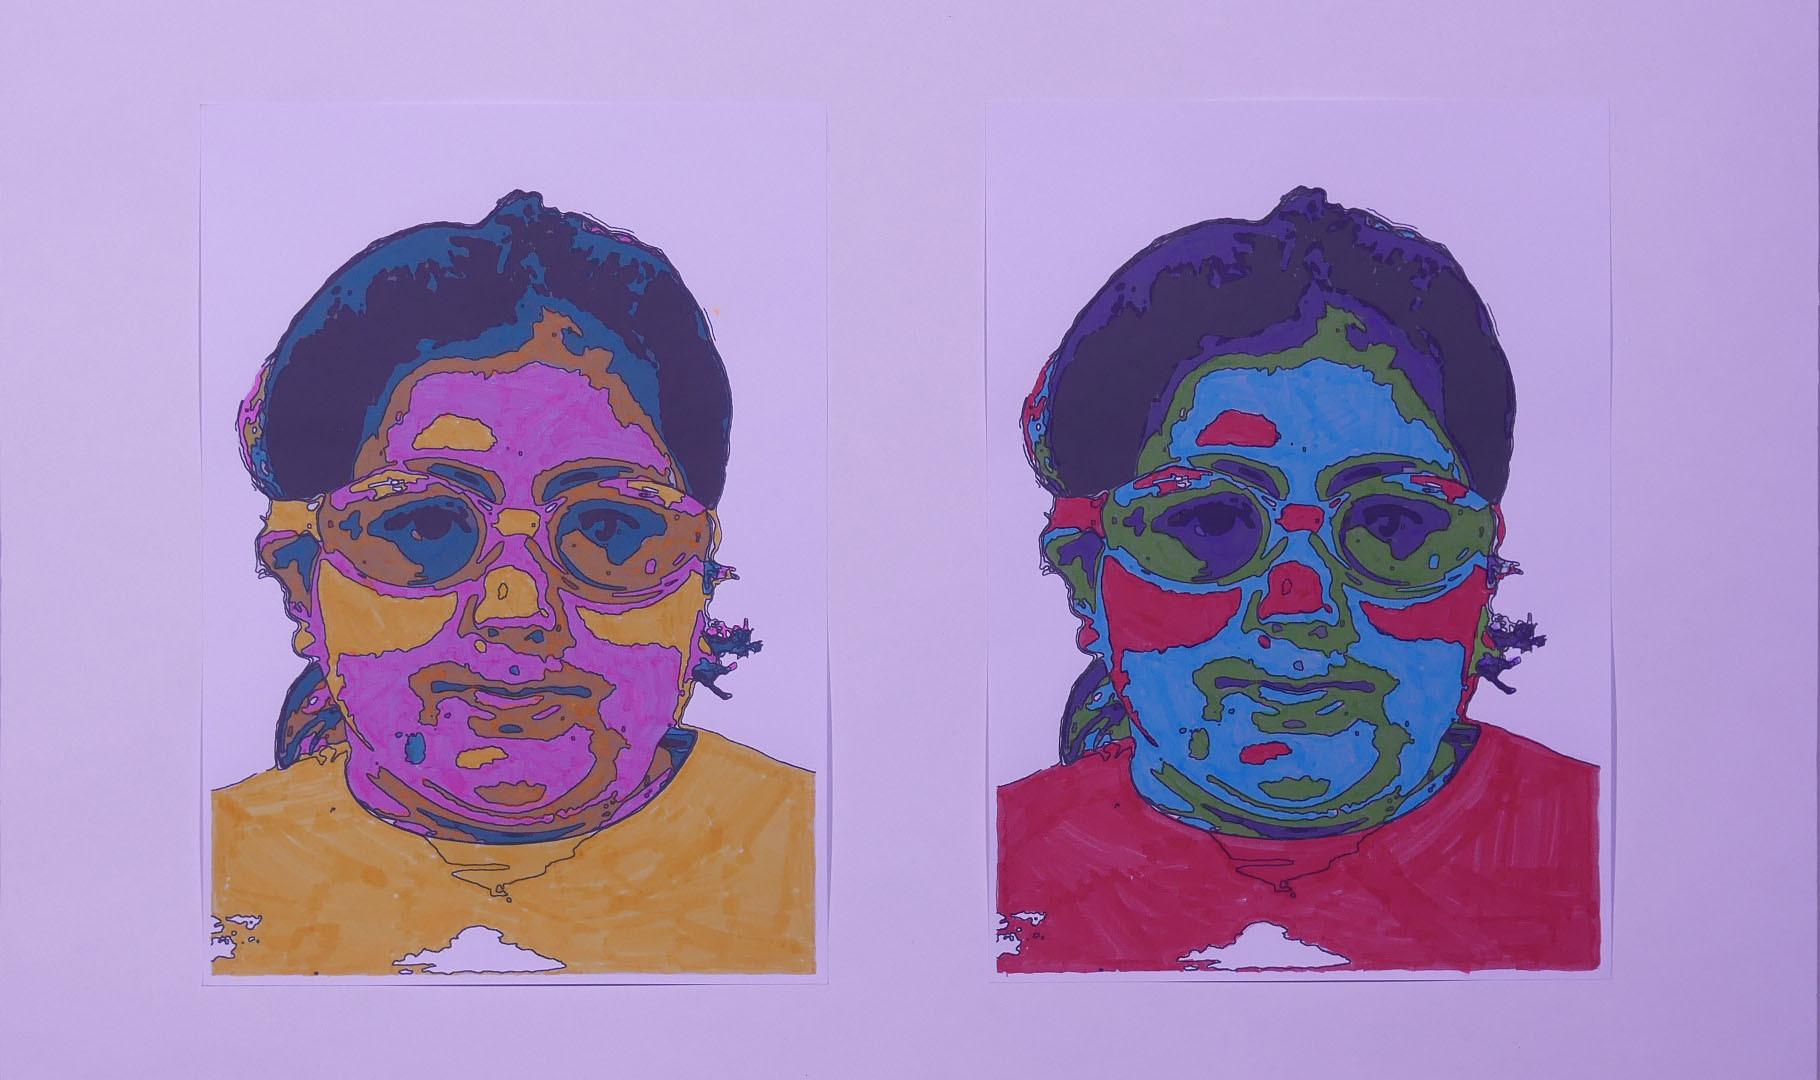 WARHOL EN PLONGÉE, photos coloriées aux feutres - École Les Embruns, Notre-Dame-de-Monts, CP/CE2